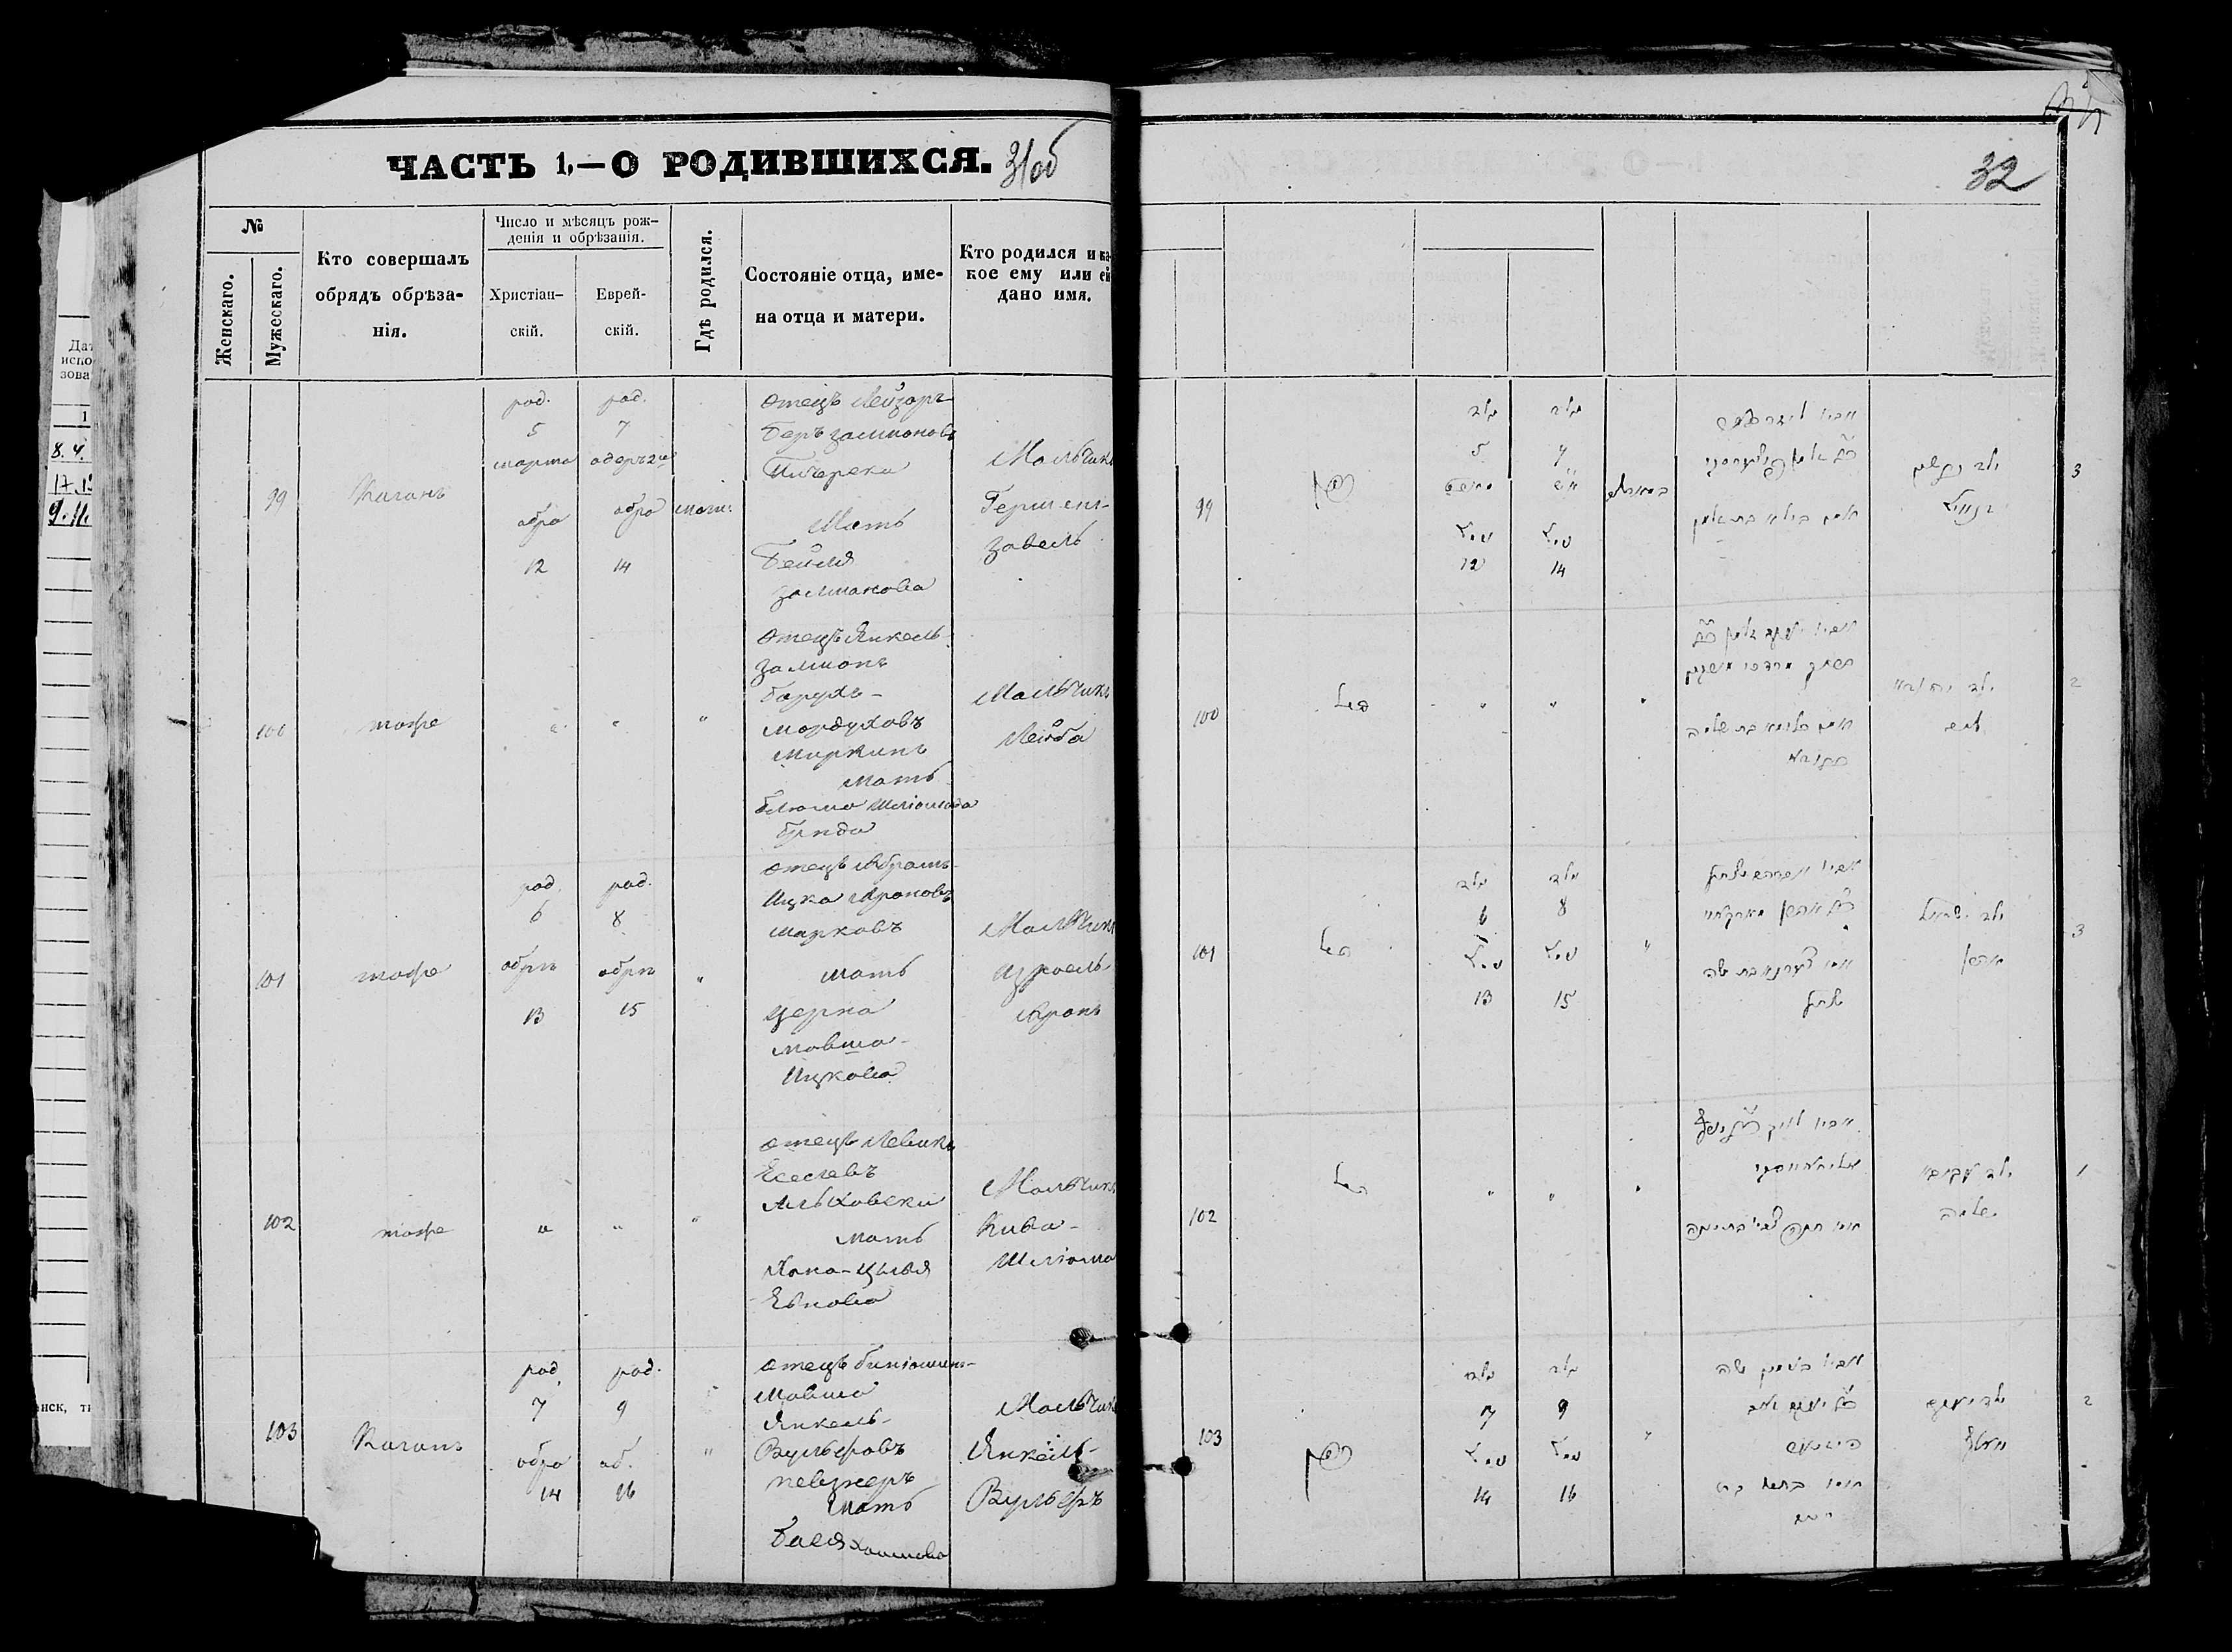 Лейба Янкель-Залманович, сына Борух-Мордуха Миркин р. 5 марта 1872, запись 100, пленка 007766480, снимок 755